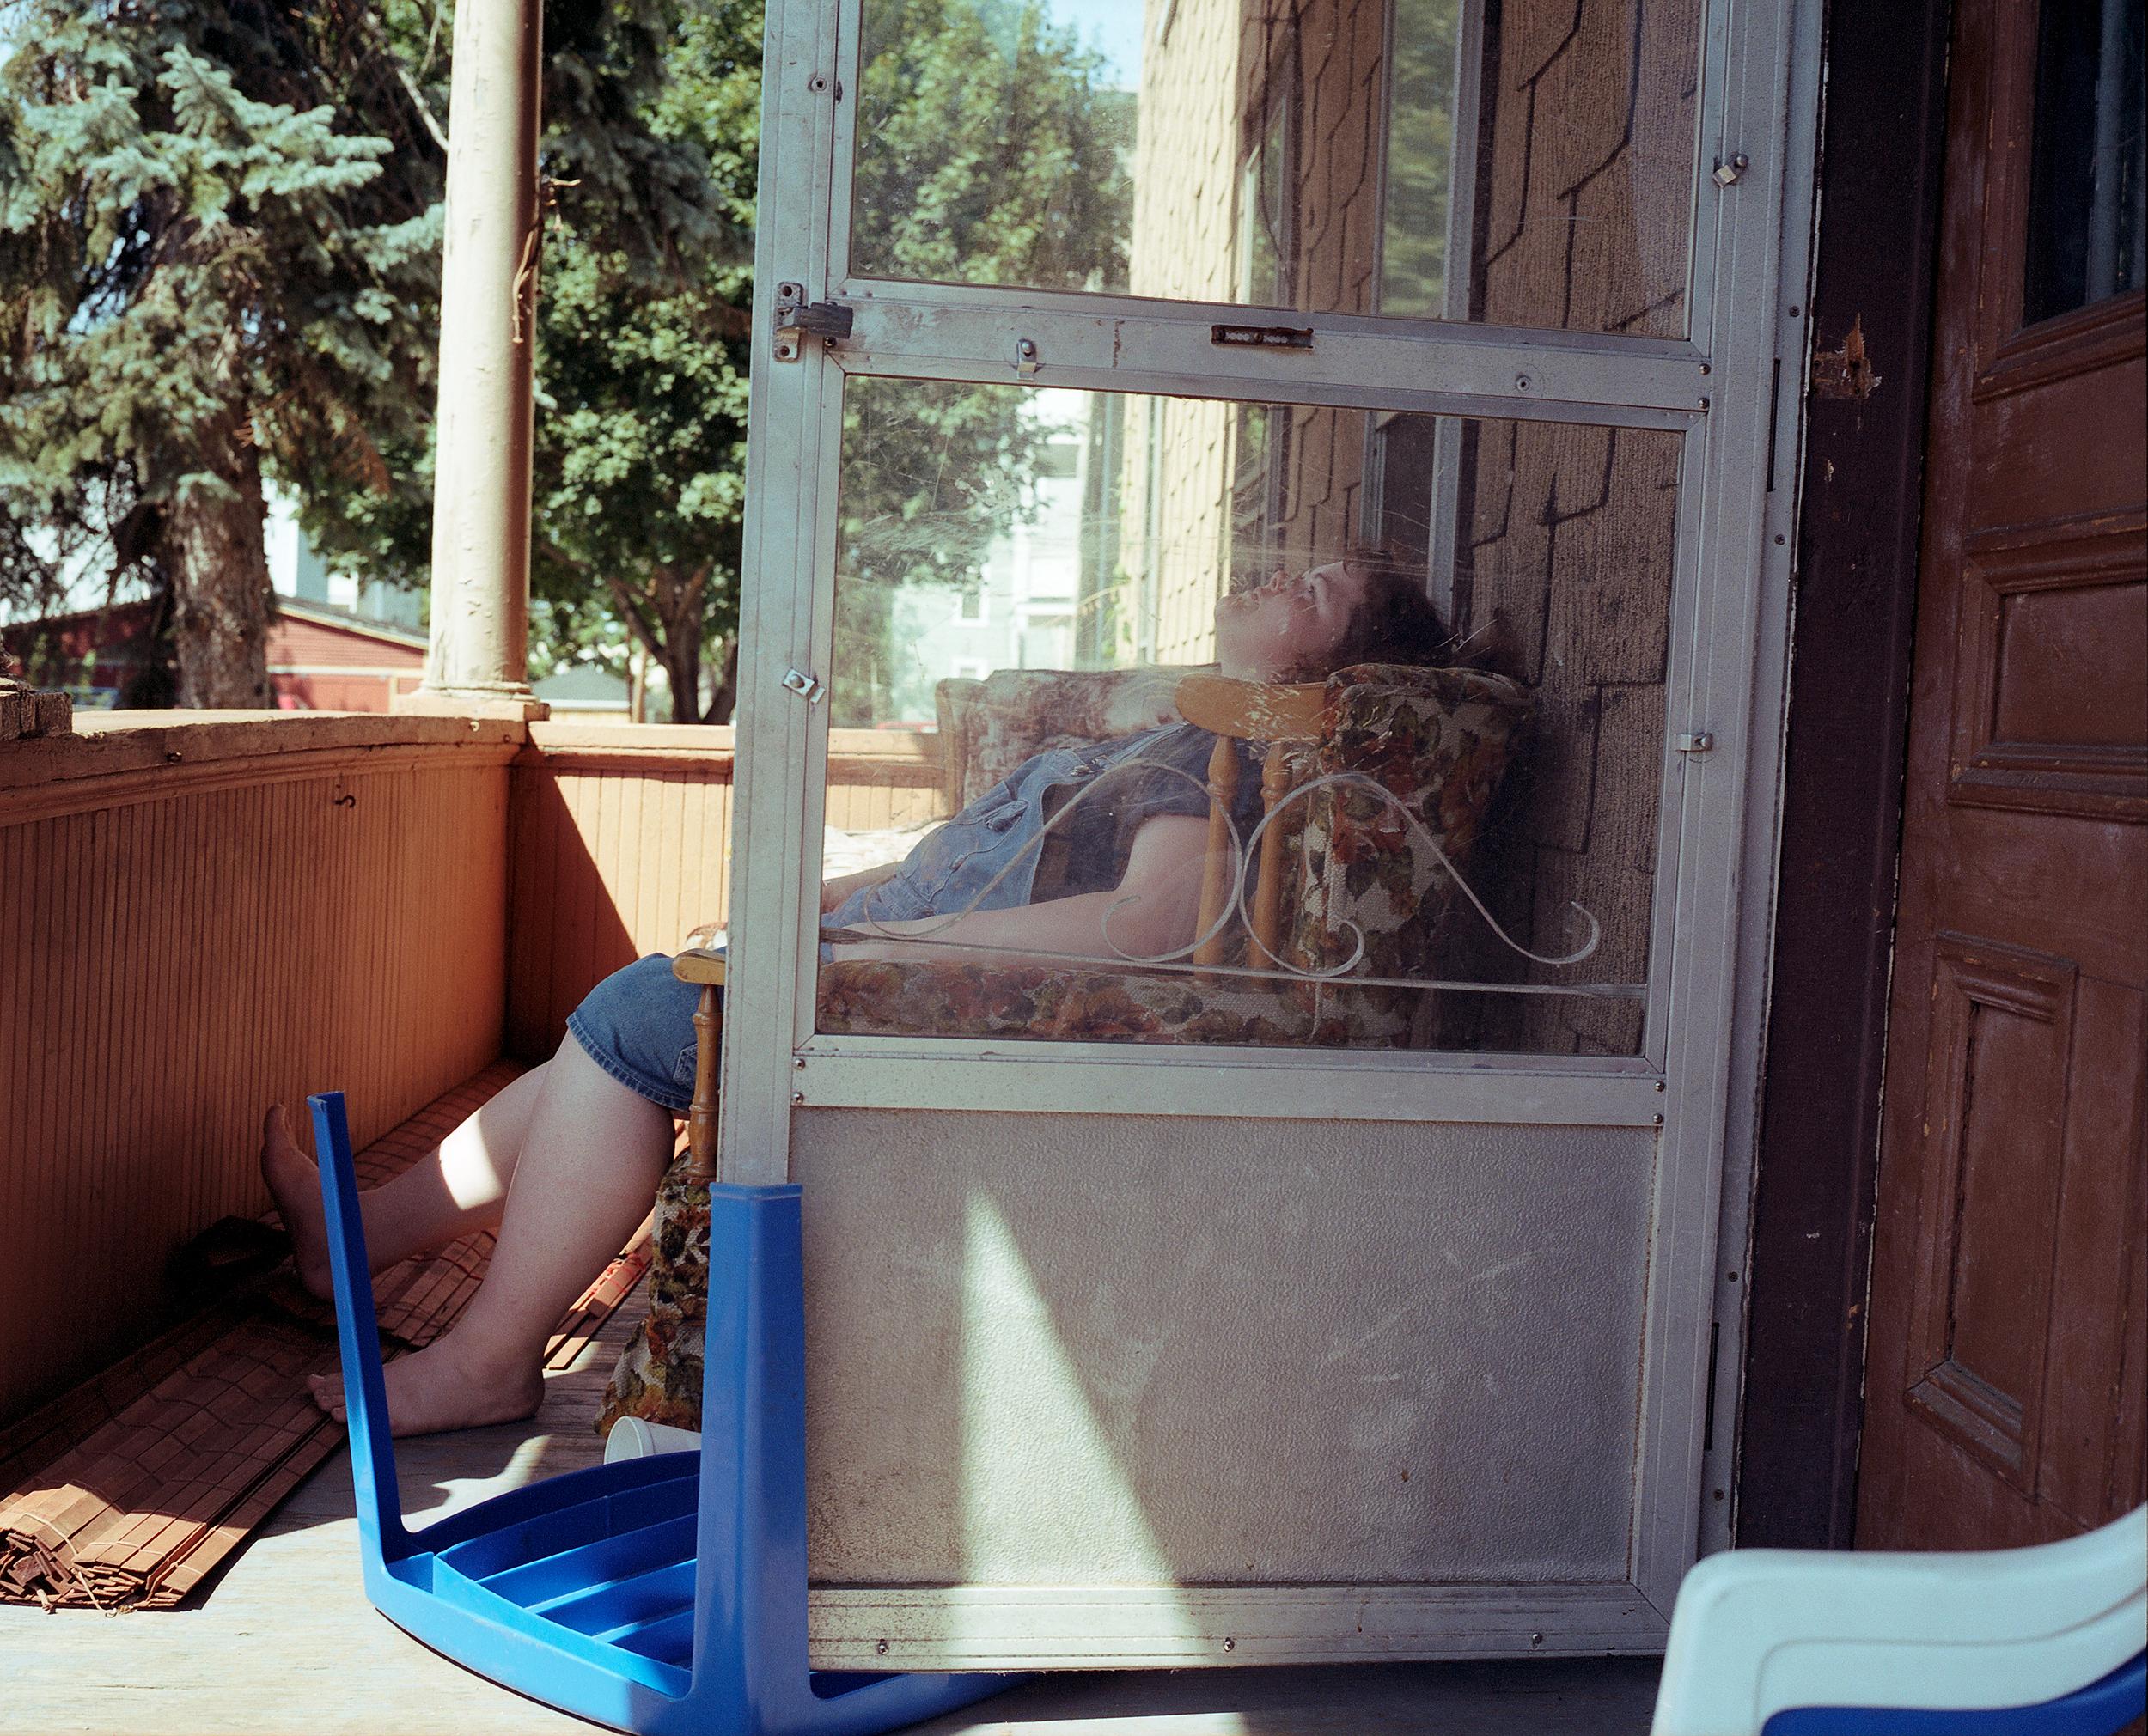 Melanie, 2002